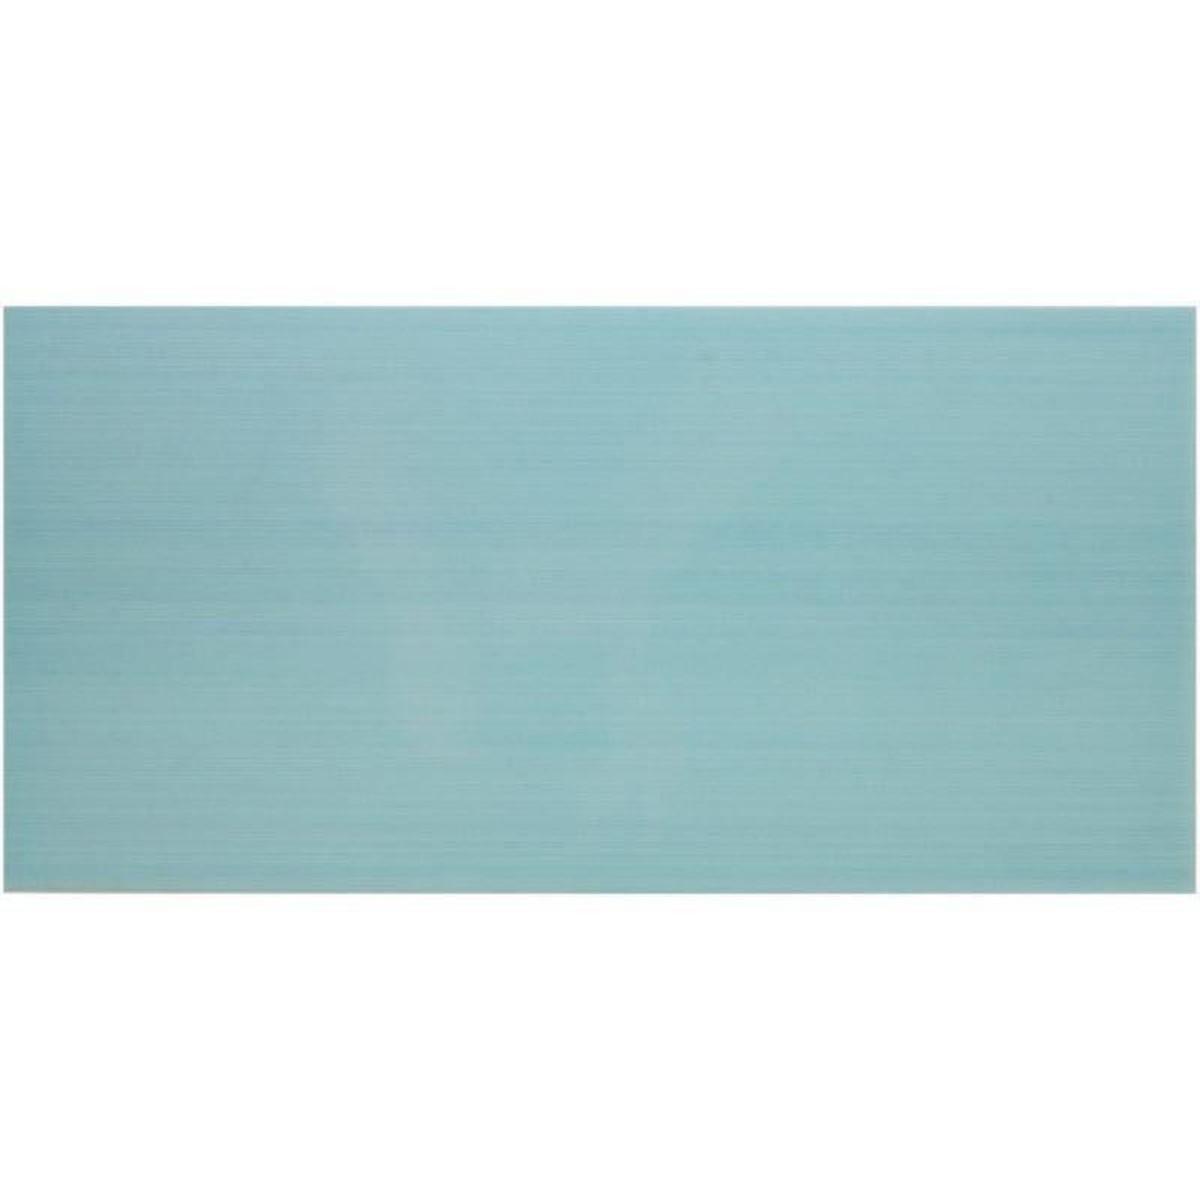 Плитка настенная Фреска 20х40 см 1.2 м2 цвет голубой